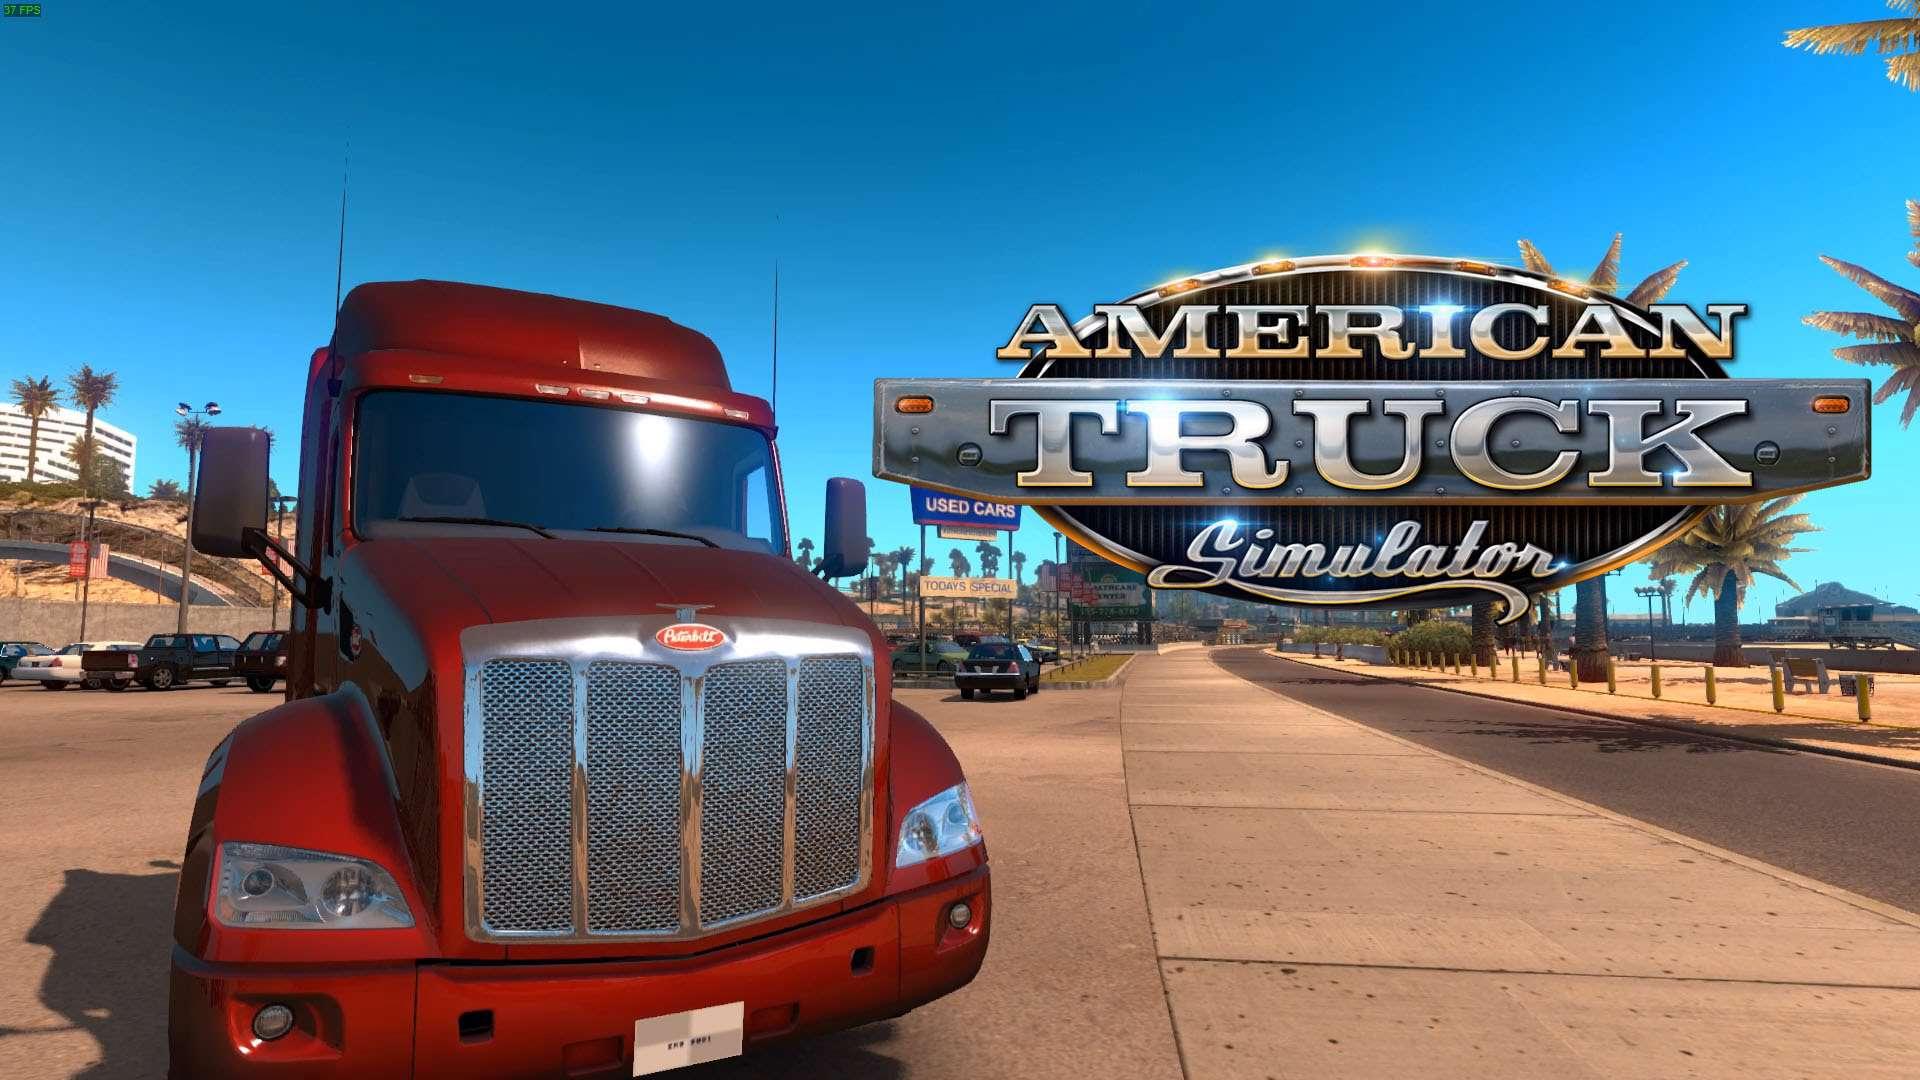 دانلود بازی جالب شبیه ساز رانندگی با کامیون American Truck Simulator Arizona SKIDROW برای رایانه